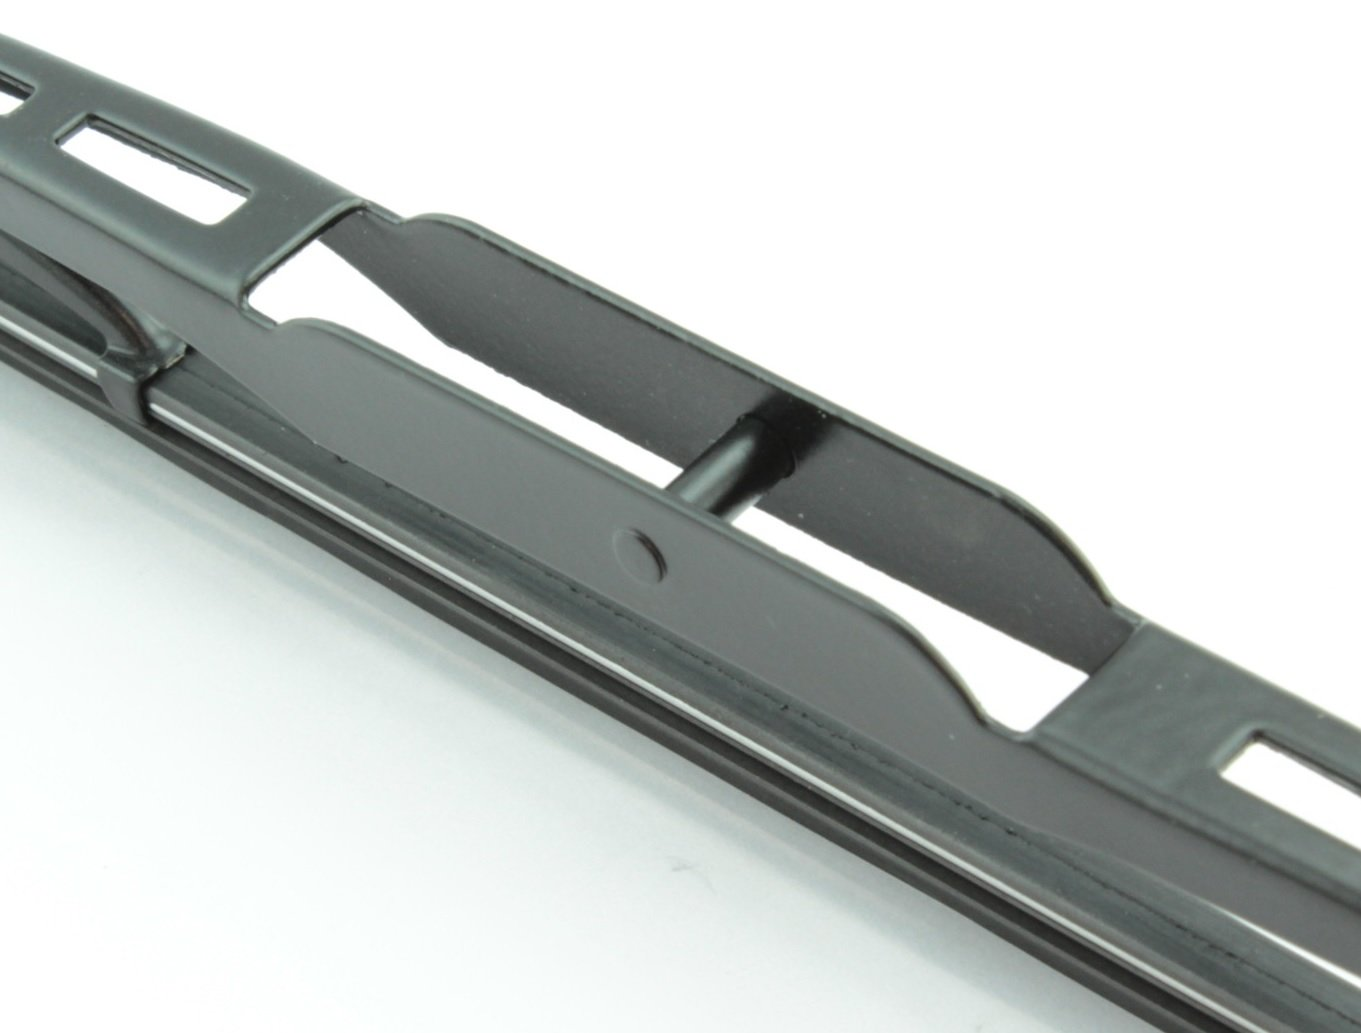 Juego de 3 escobillas limpiaparabrisas Heyner HH2119TL13T [SeatIB]: Amazon.es: Coche y moto